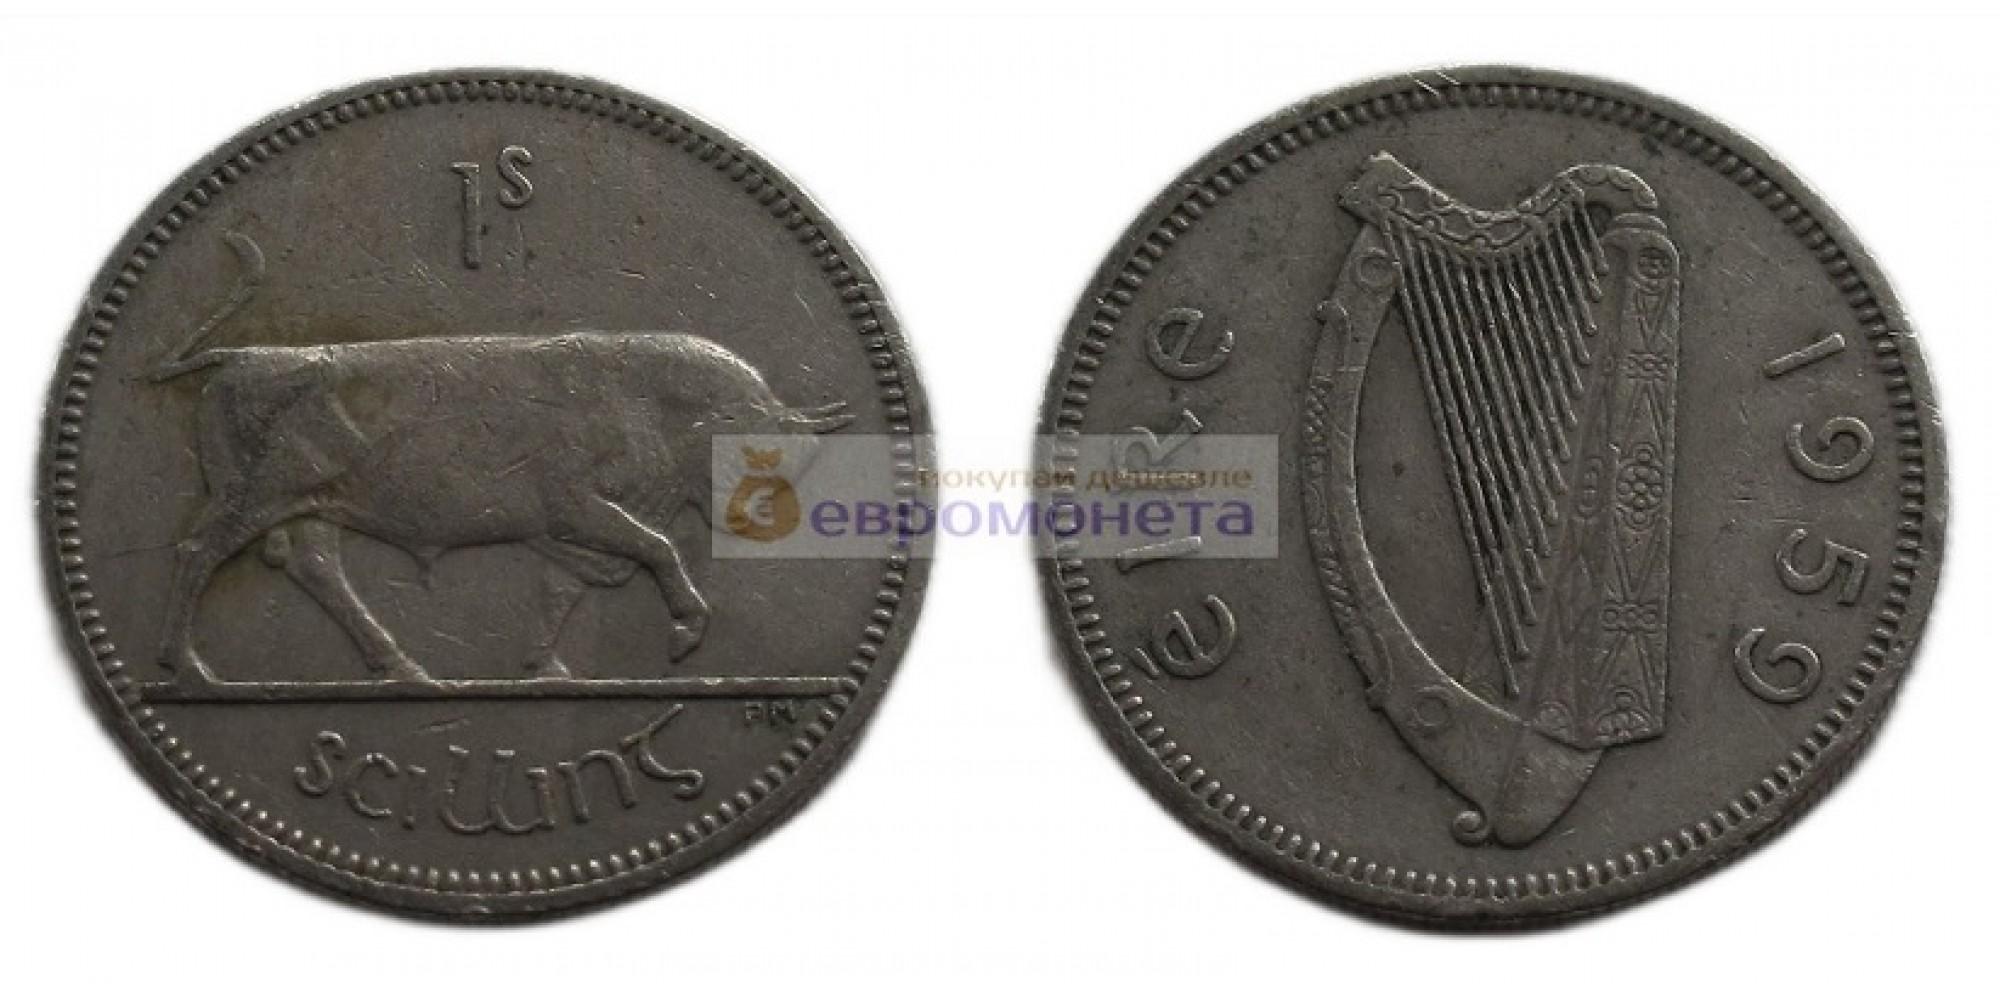 Ирландия 1 шиллинг, 1959 год